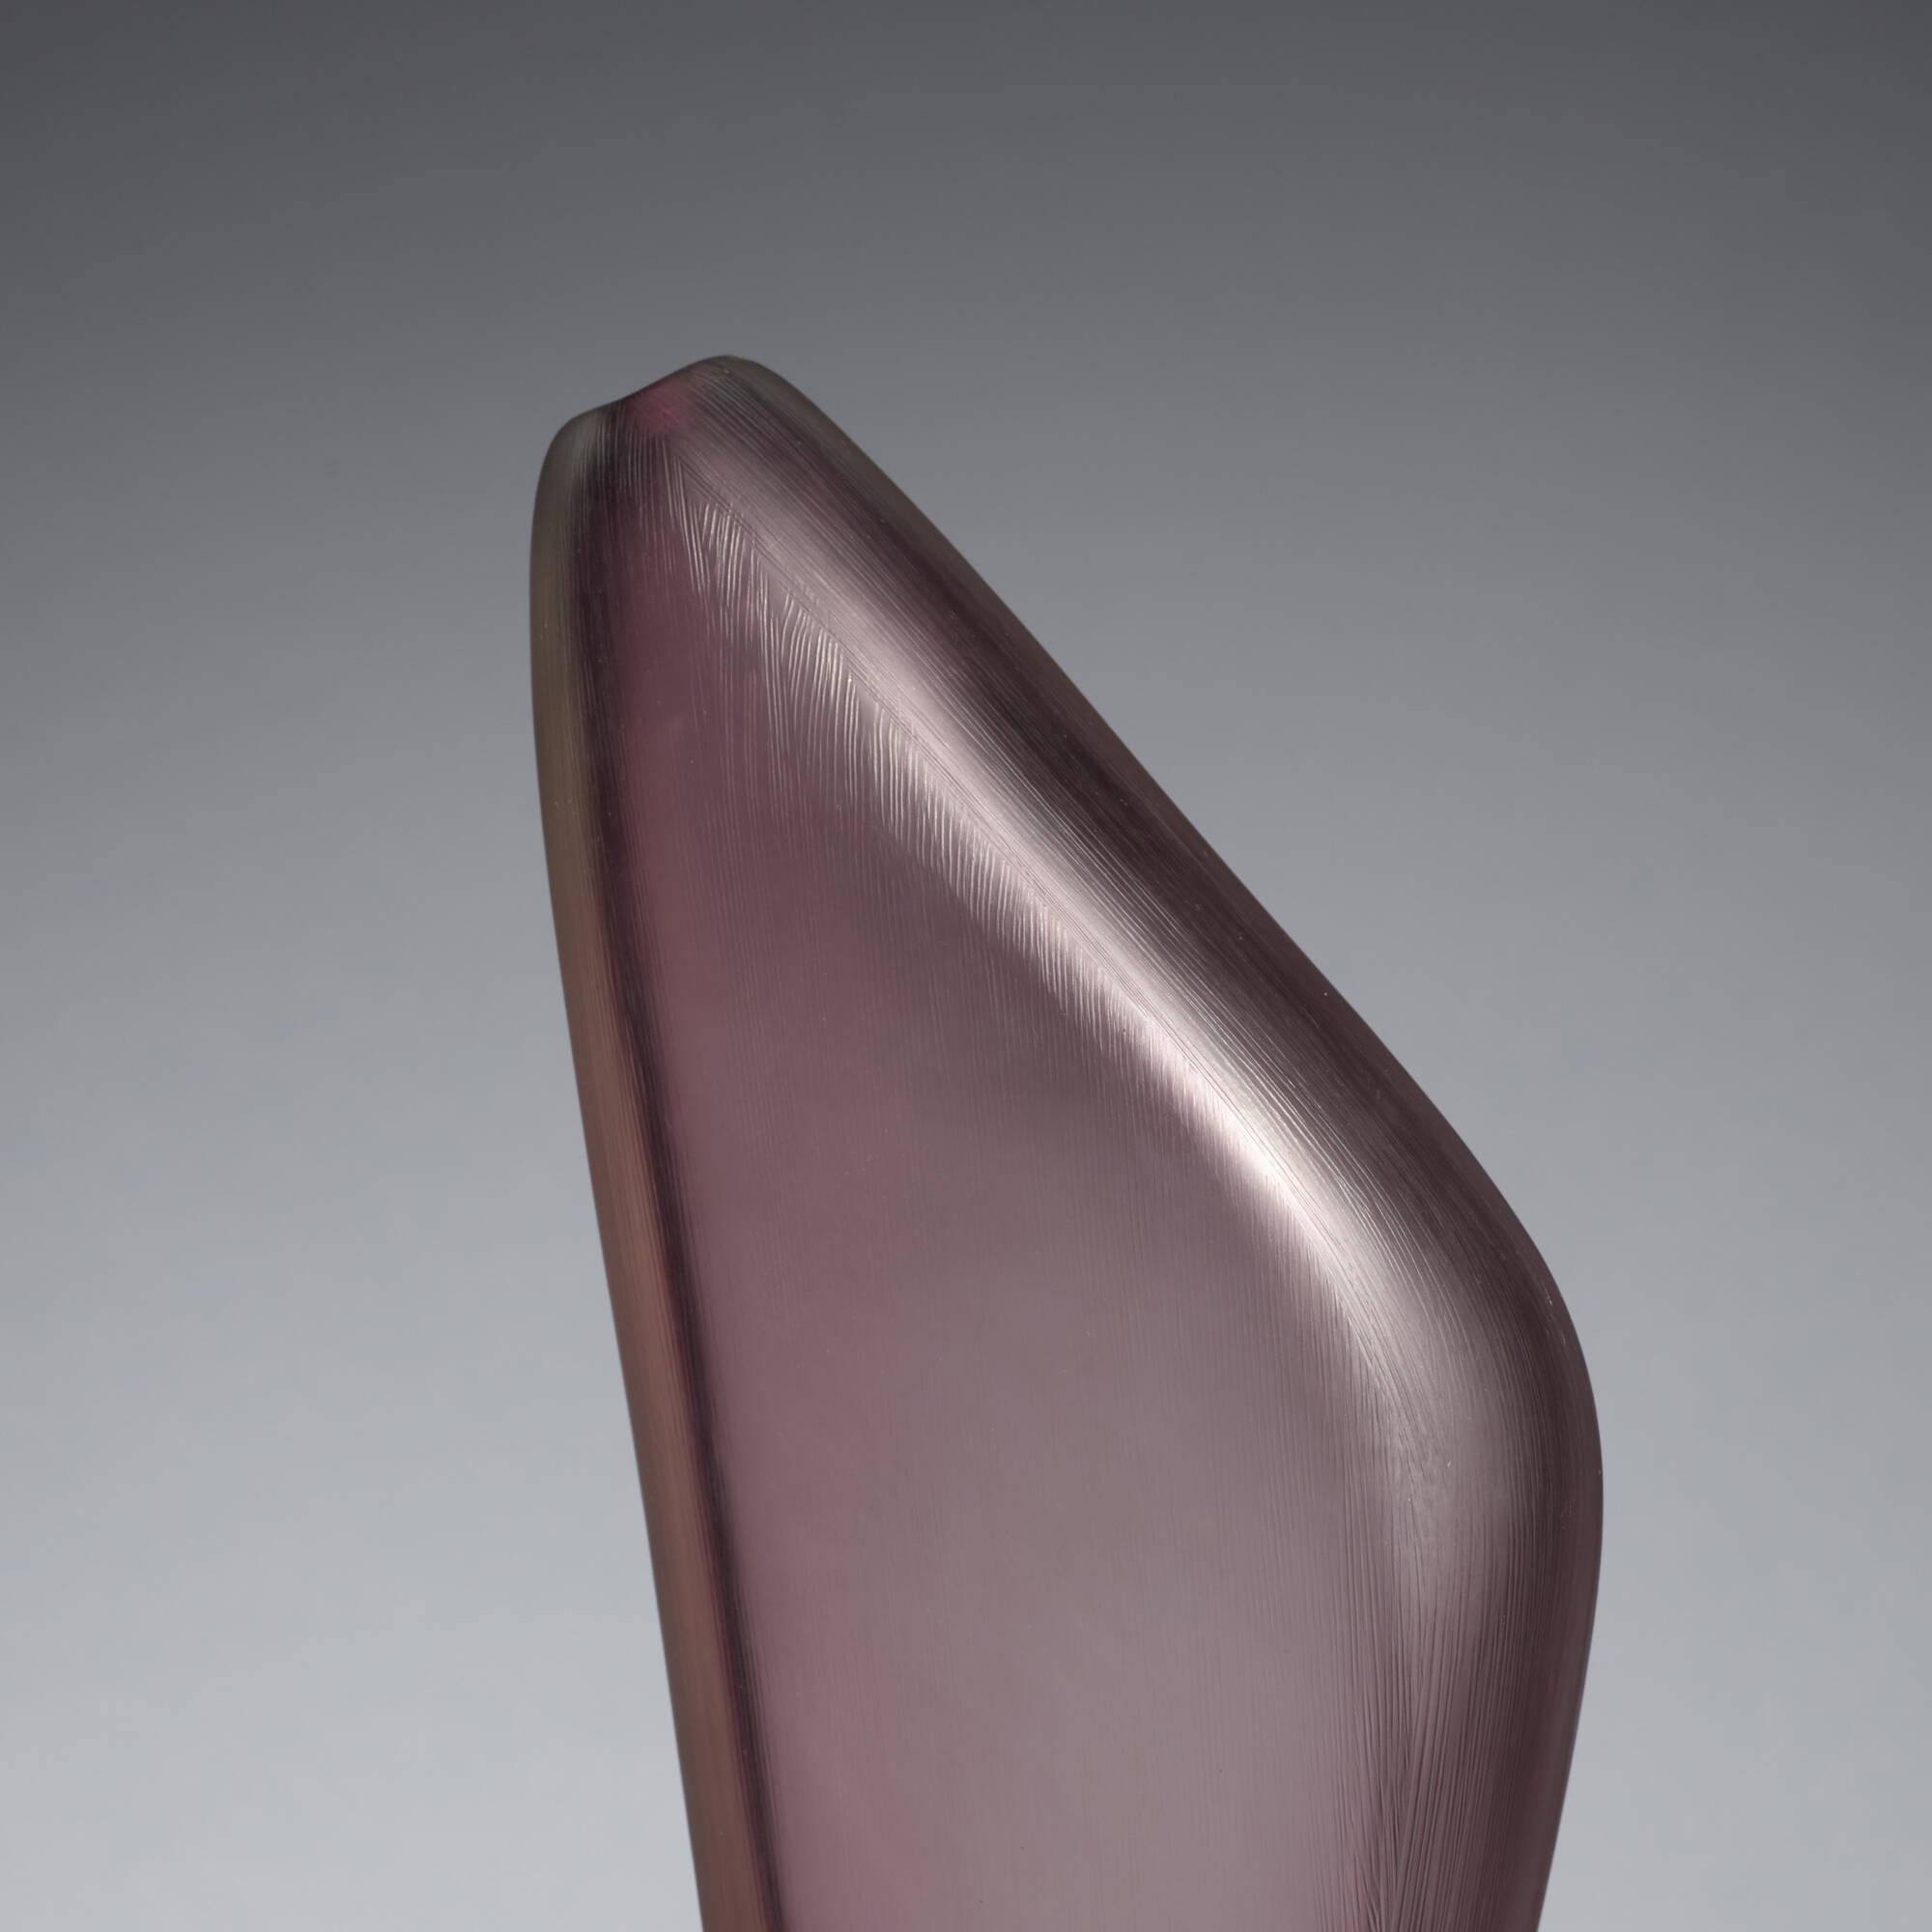 184: Napoleone Martinuzzi / Inciso vase (2 of 3)